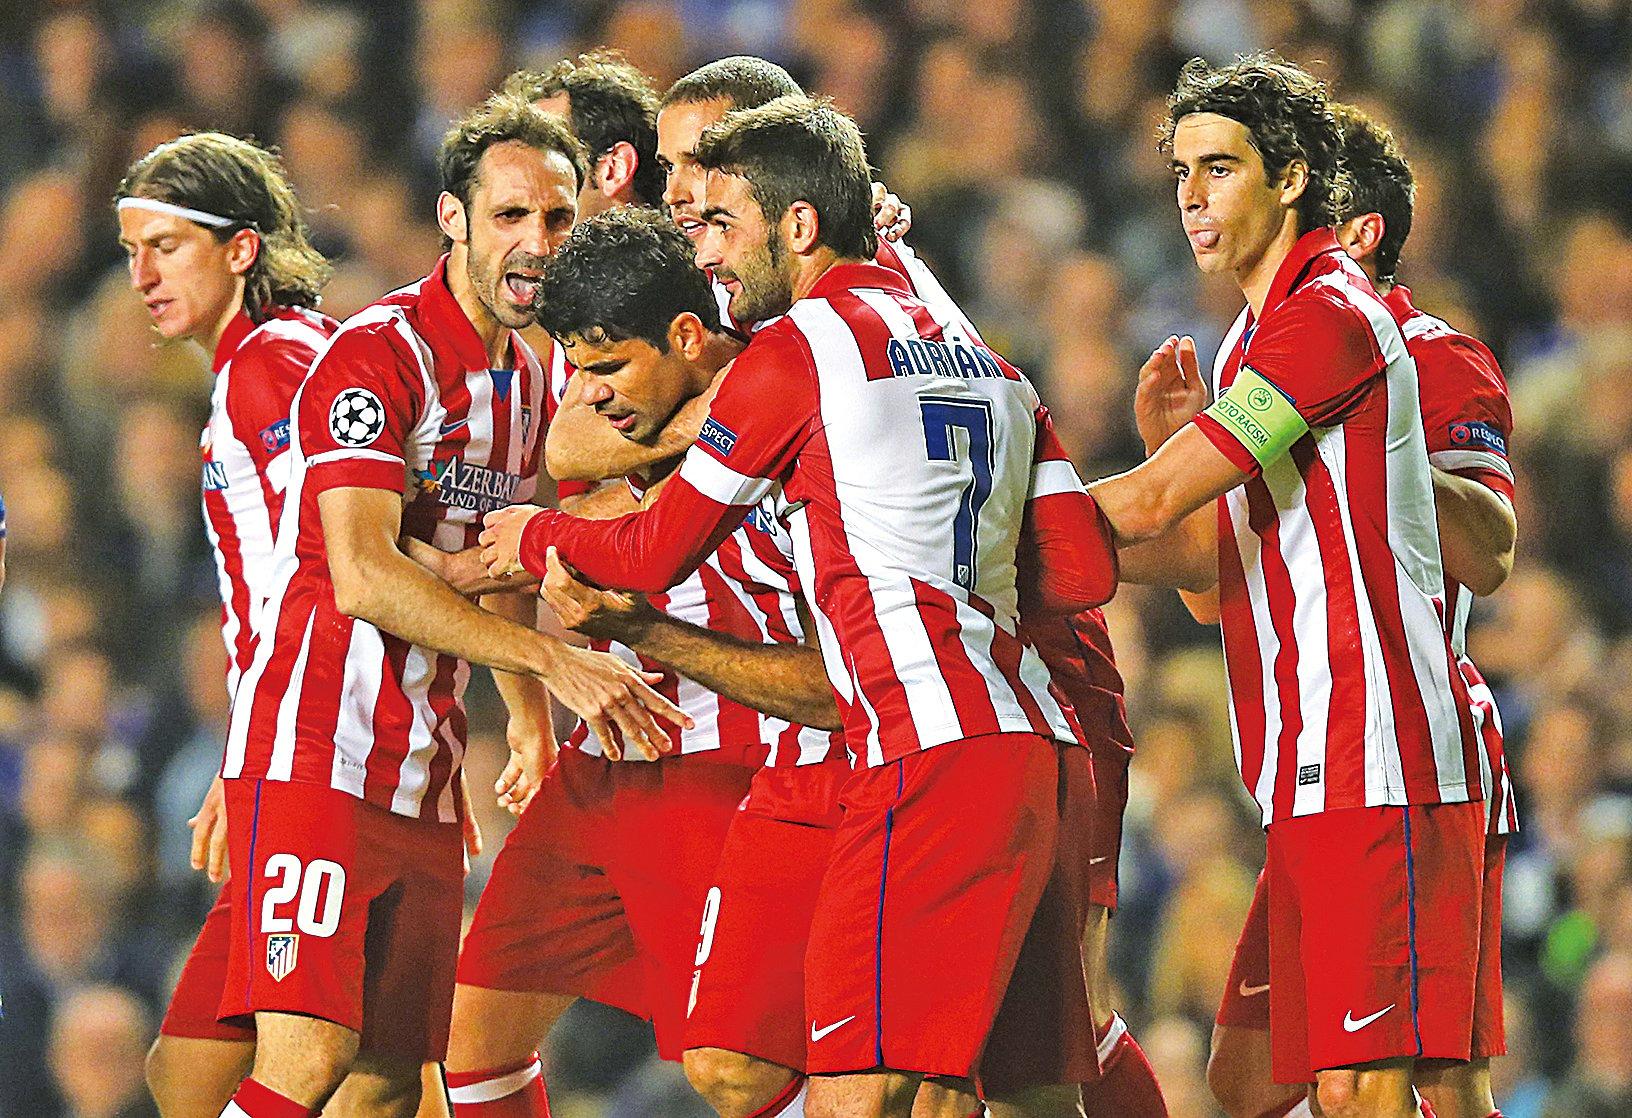 近日中共央行副行長批企業投資海外足球俱樂部項目是非理性和異常。圖為萬達入股的馬德里體育會。(Getty Images)